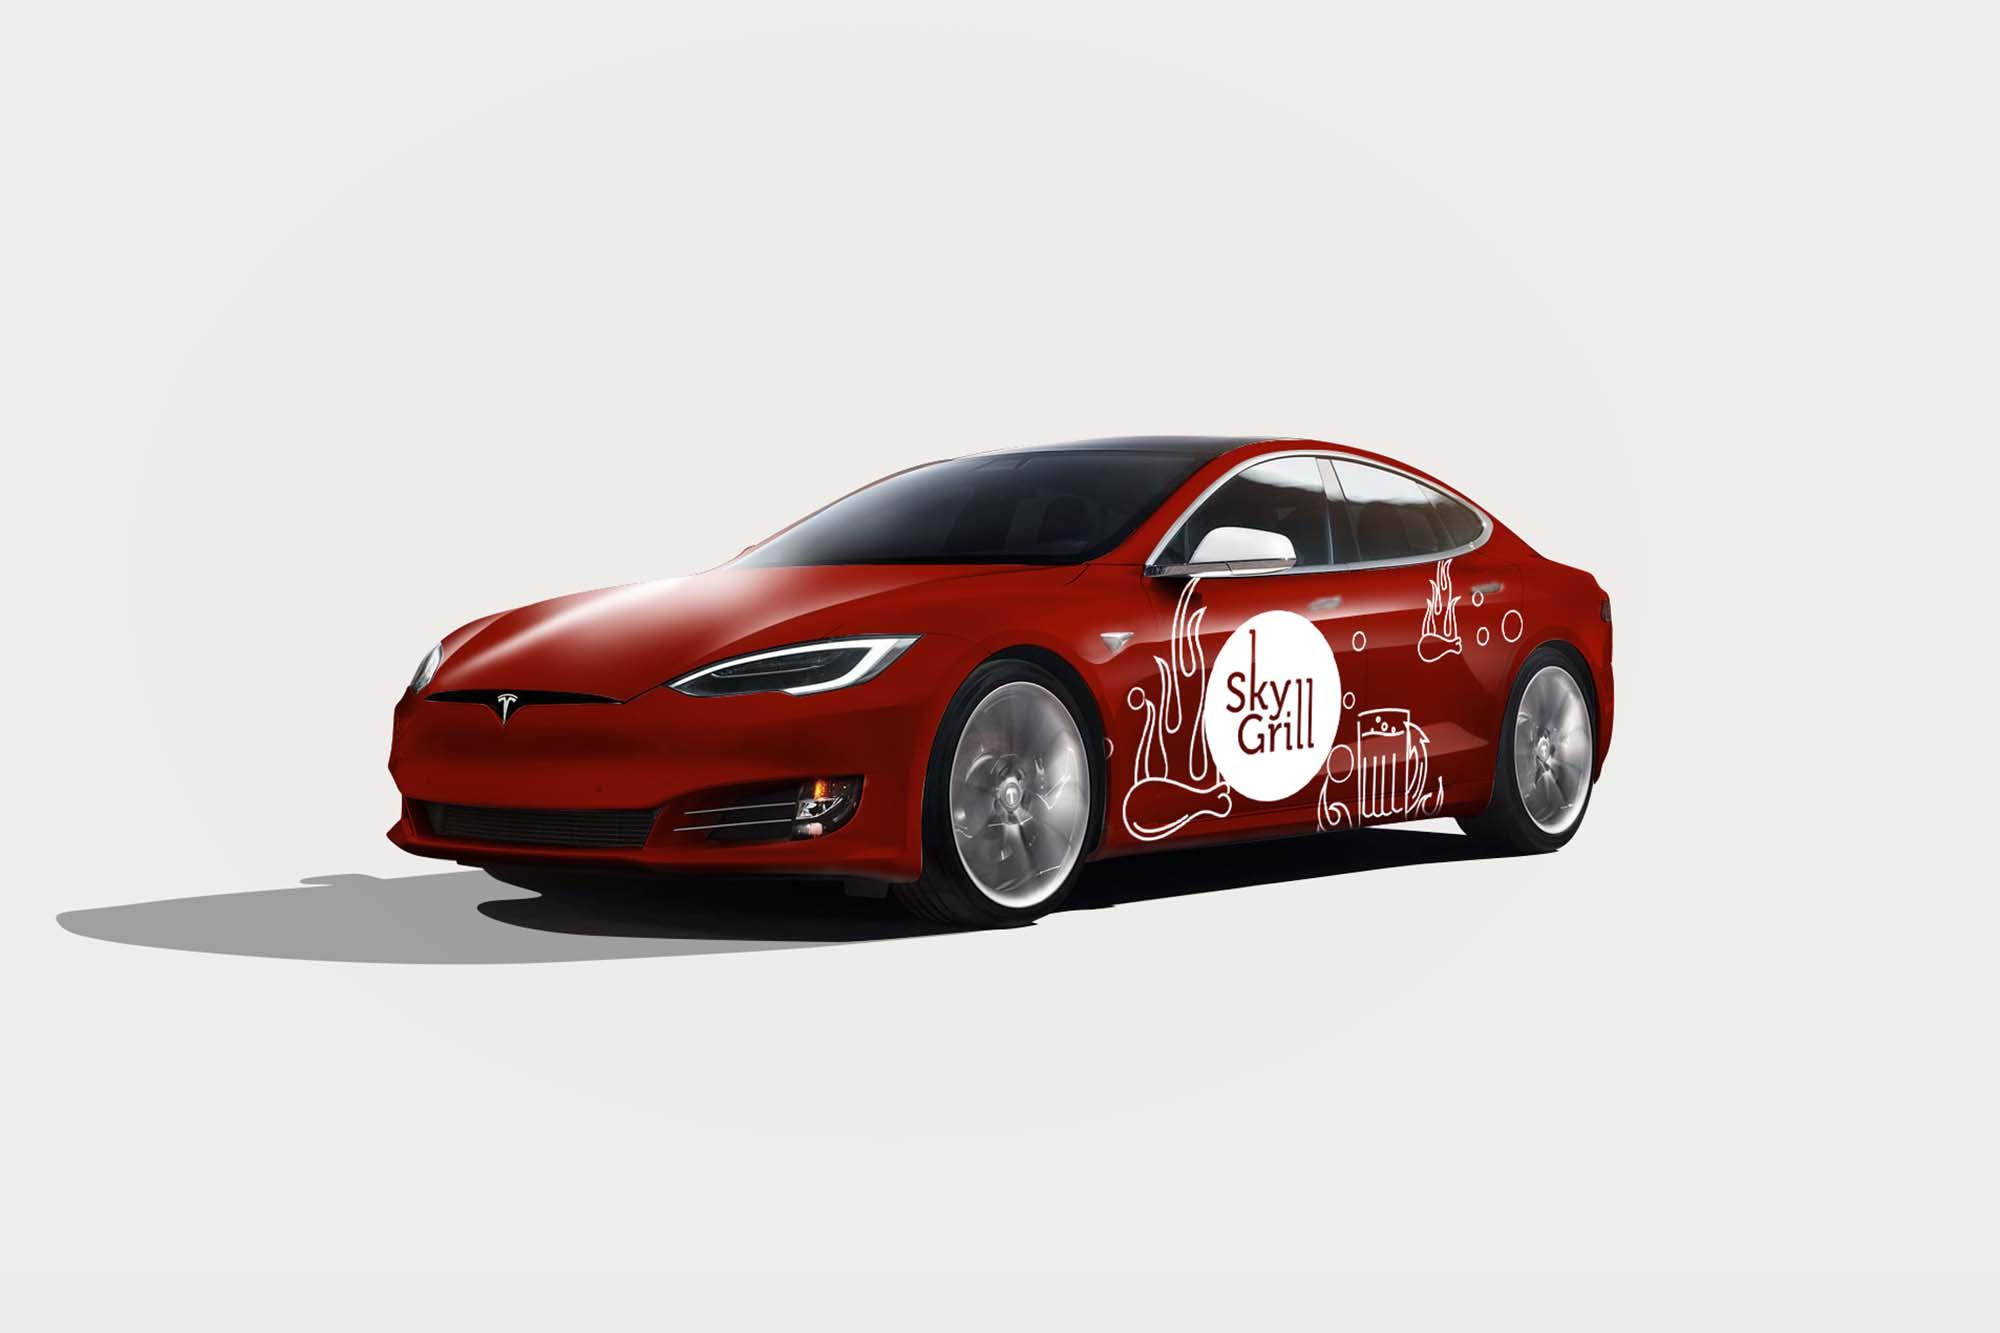 Tesla S Car Branding Mockup 2